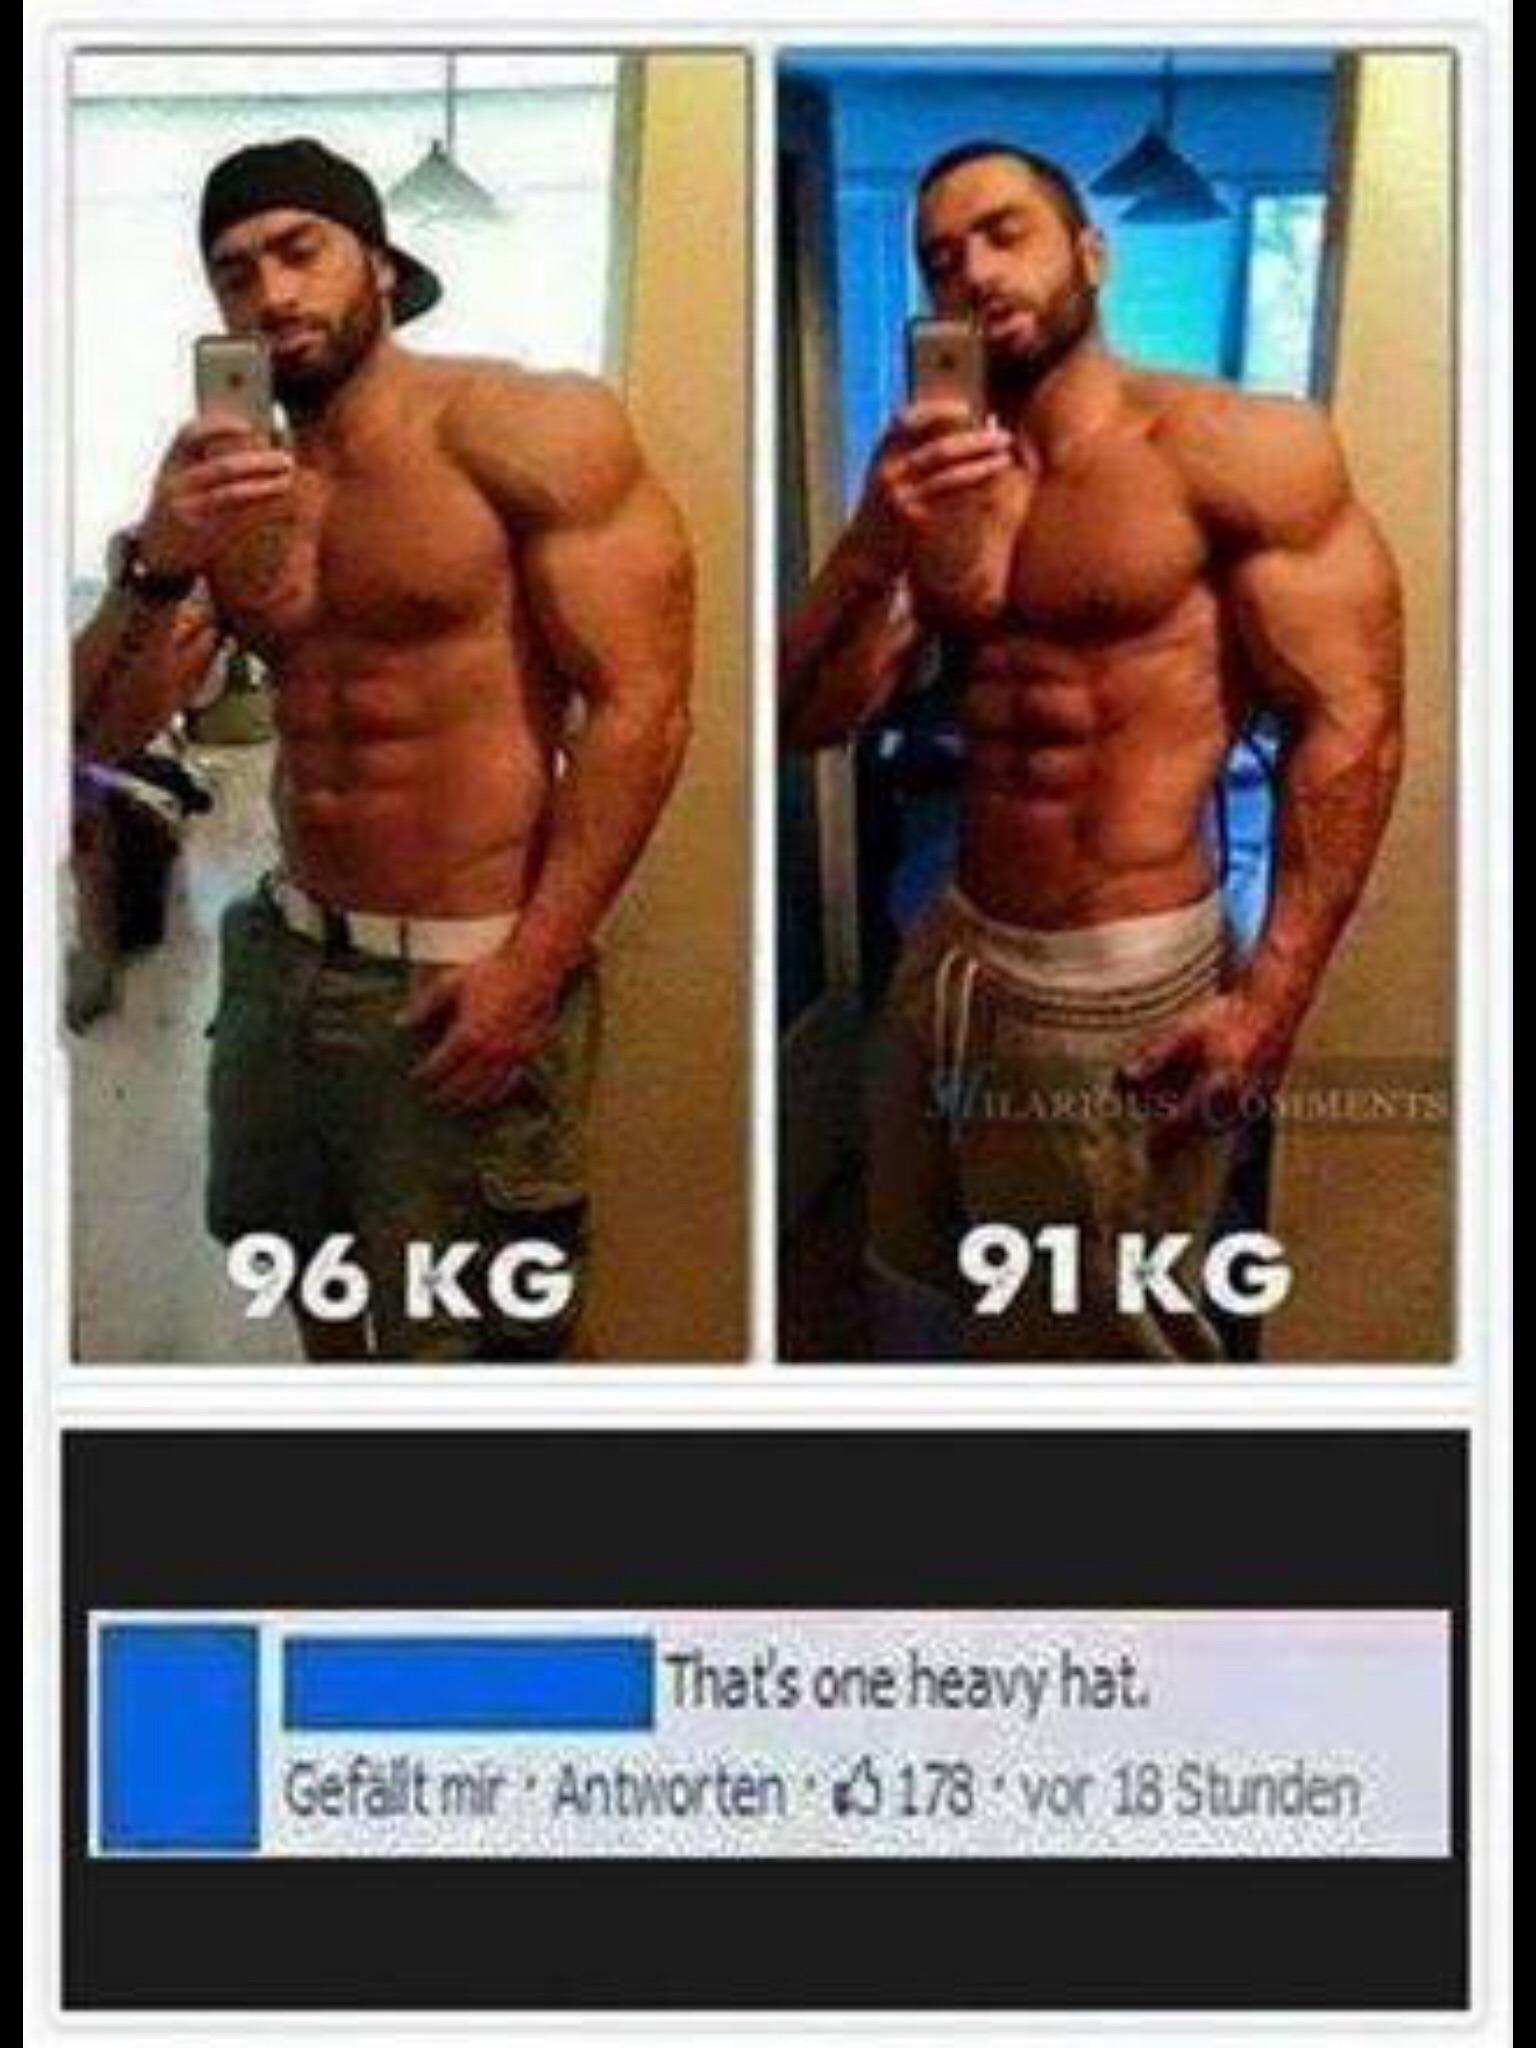 Heavy hat - meme